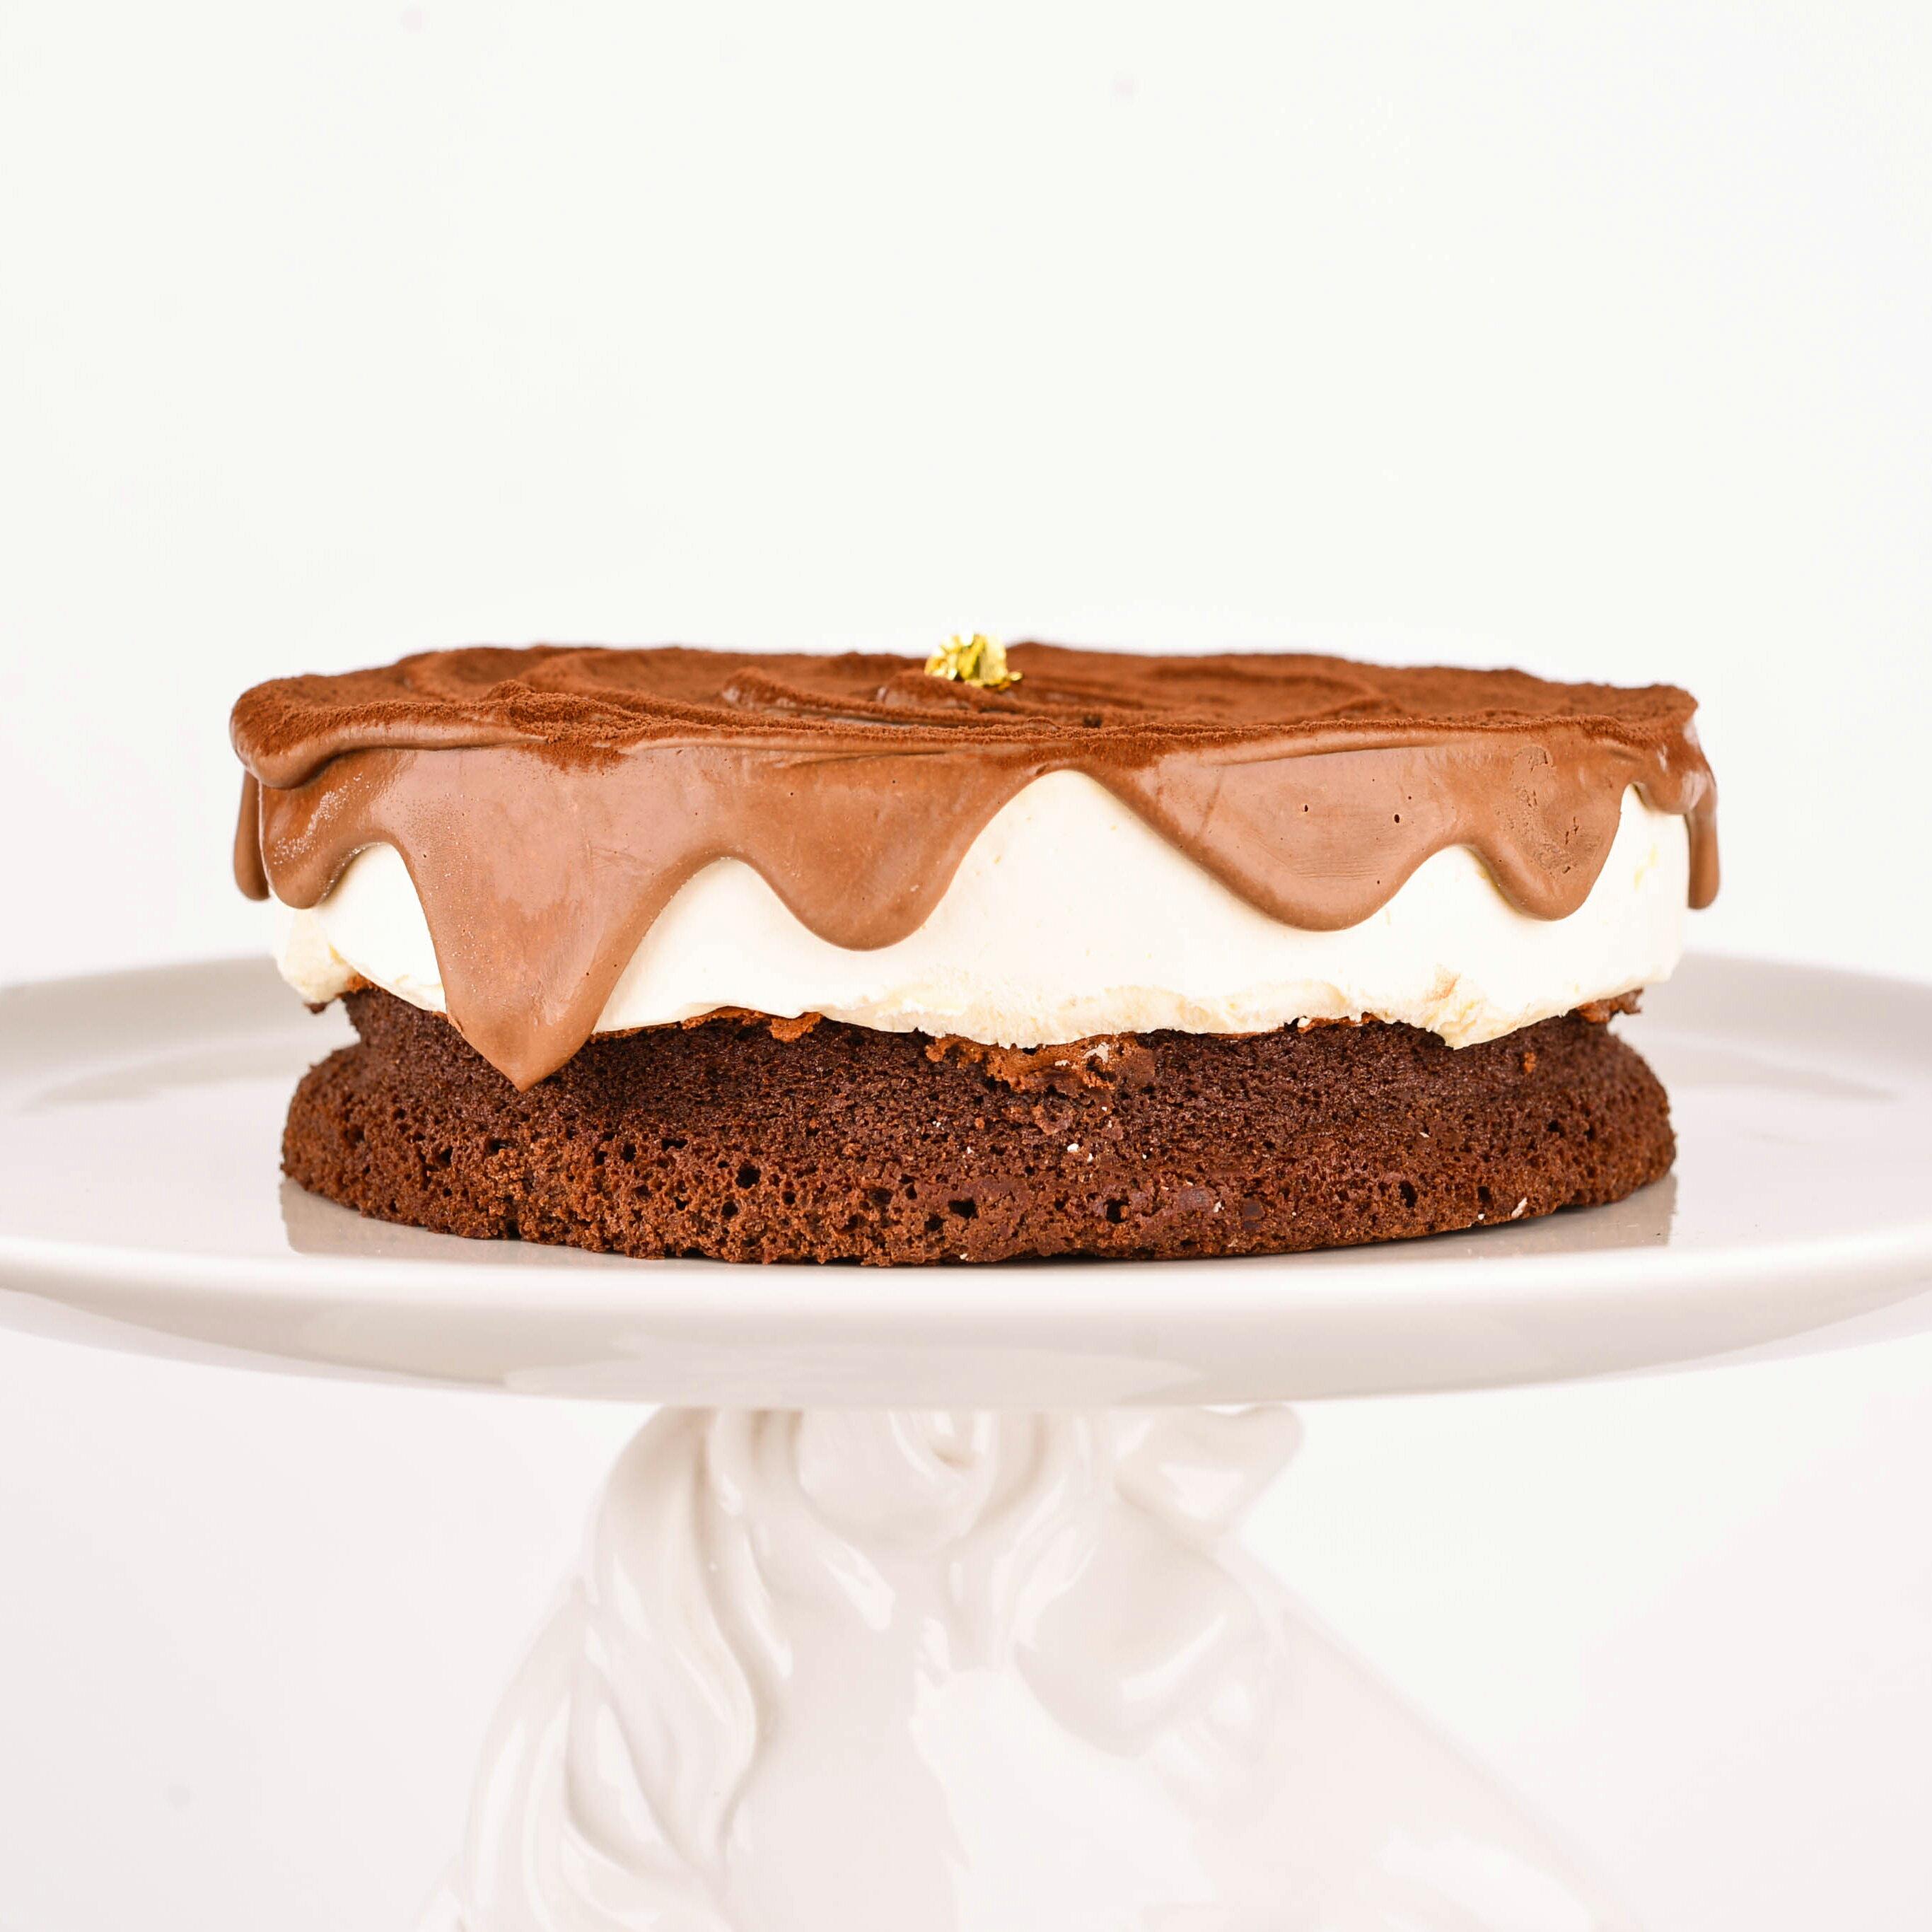 香濃起司生巧克力蛋糕6吋